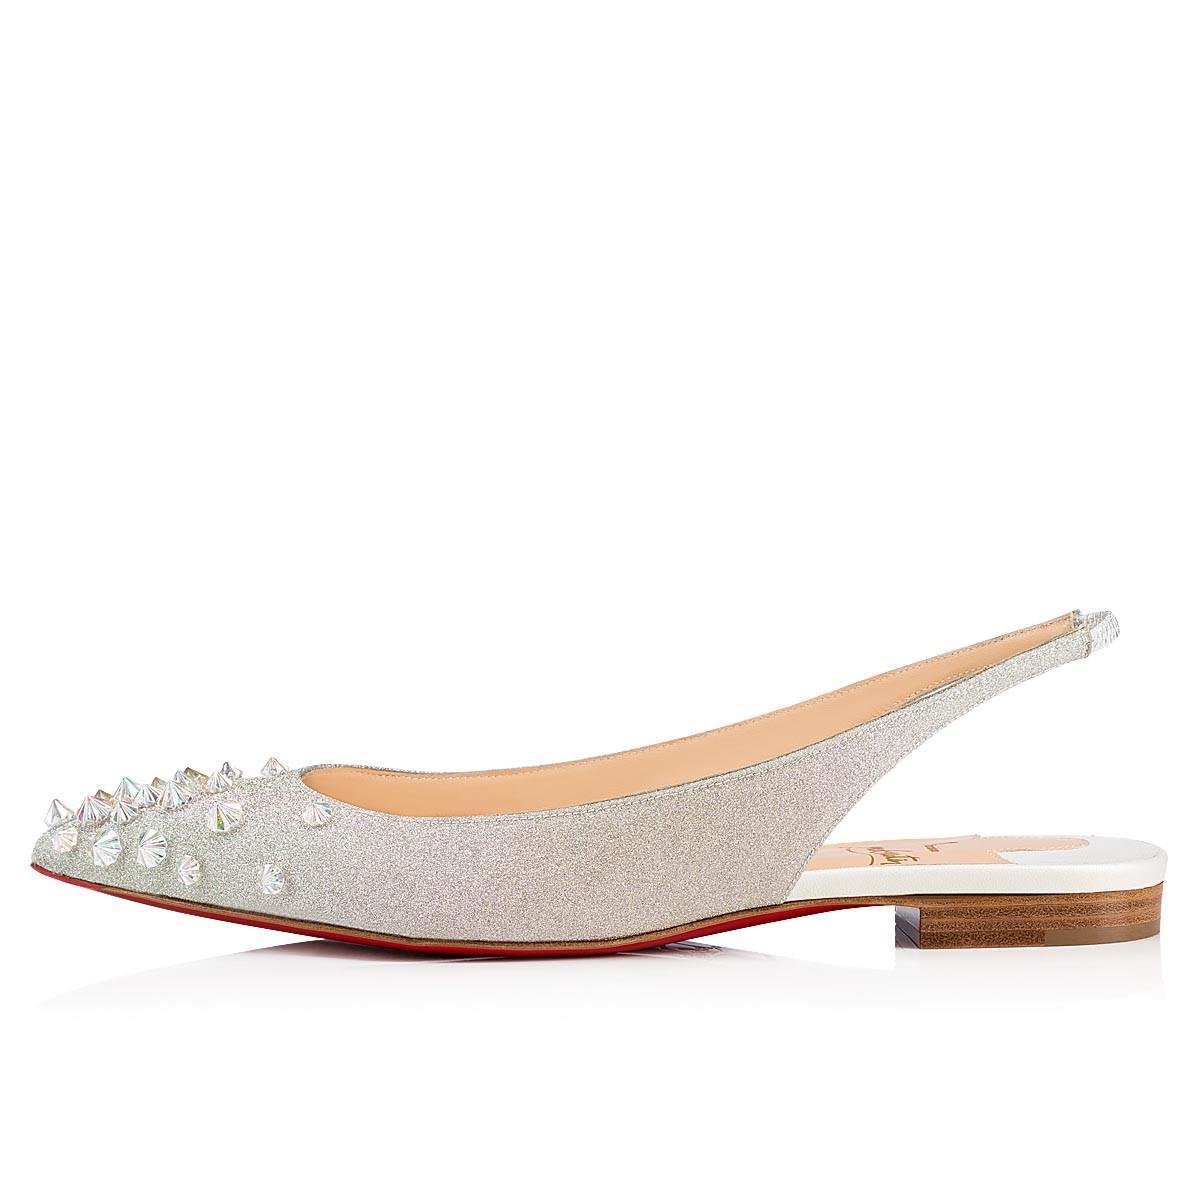 鞋履 - Drama Sling - Christian Louboutin